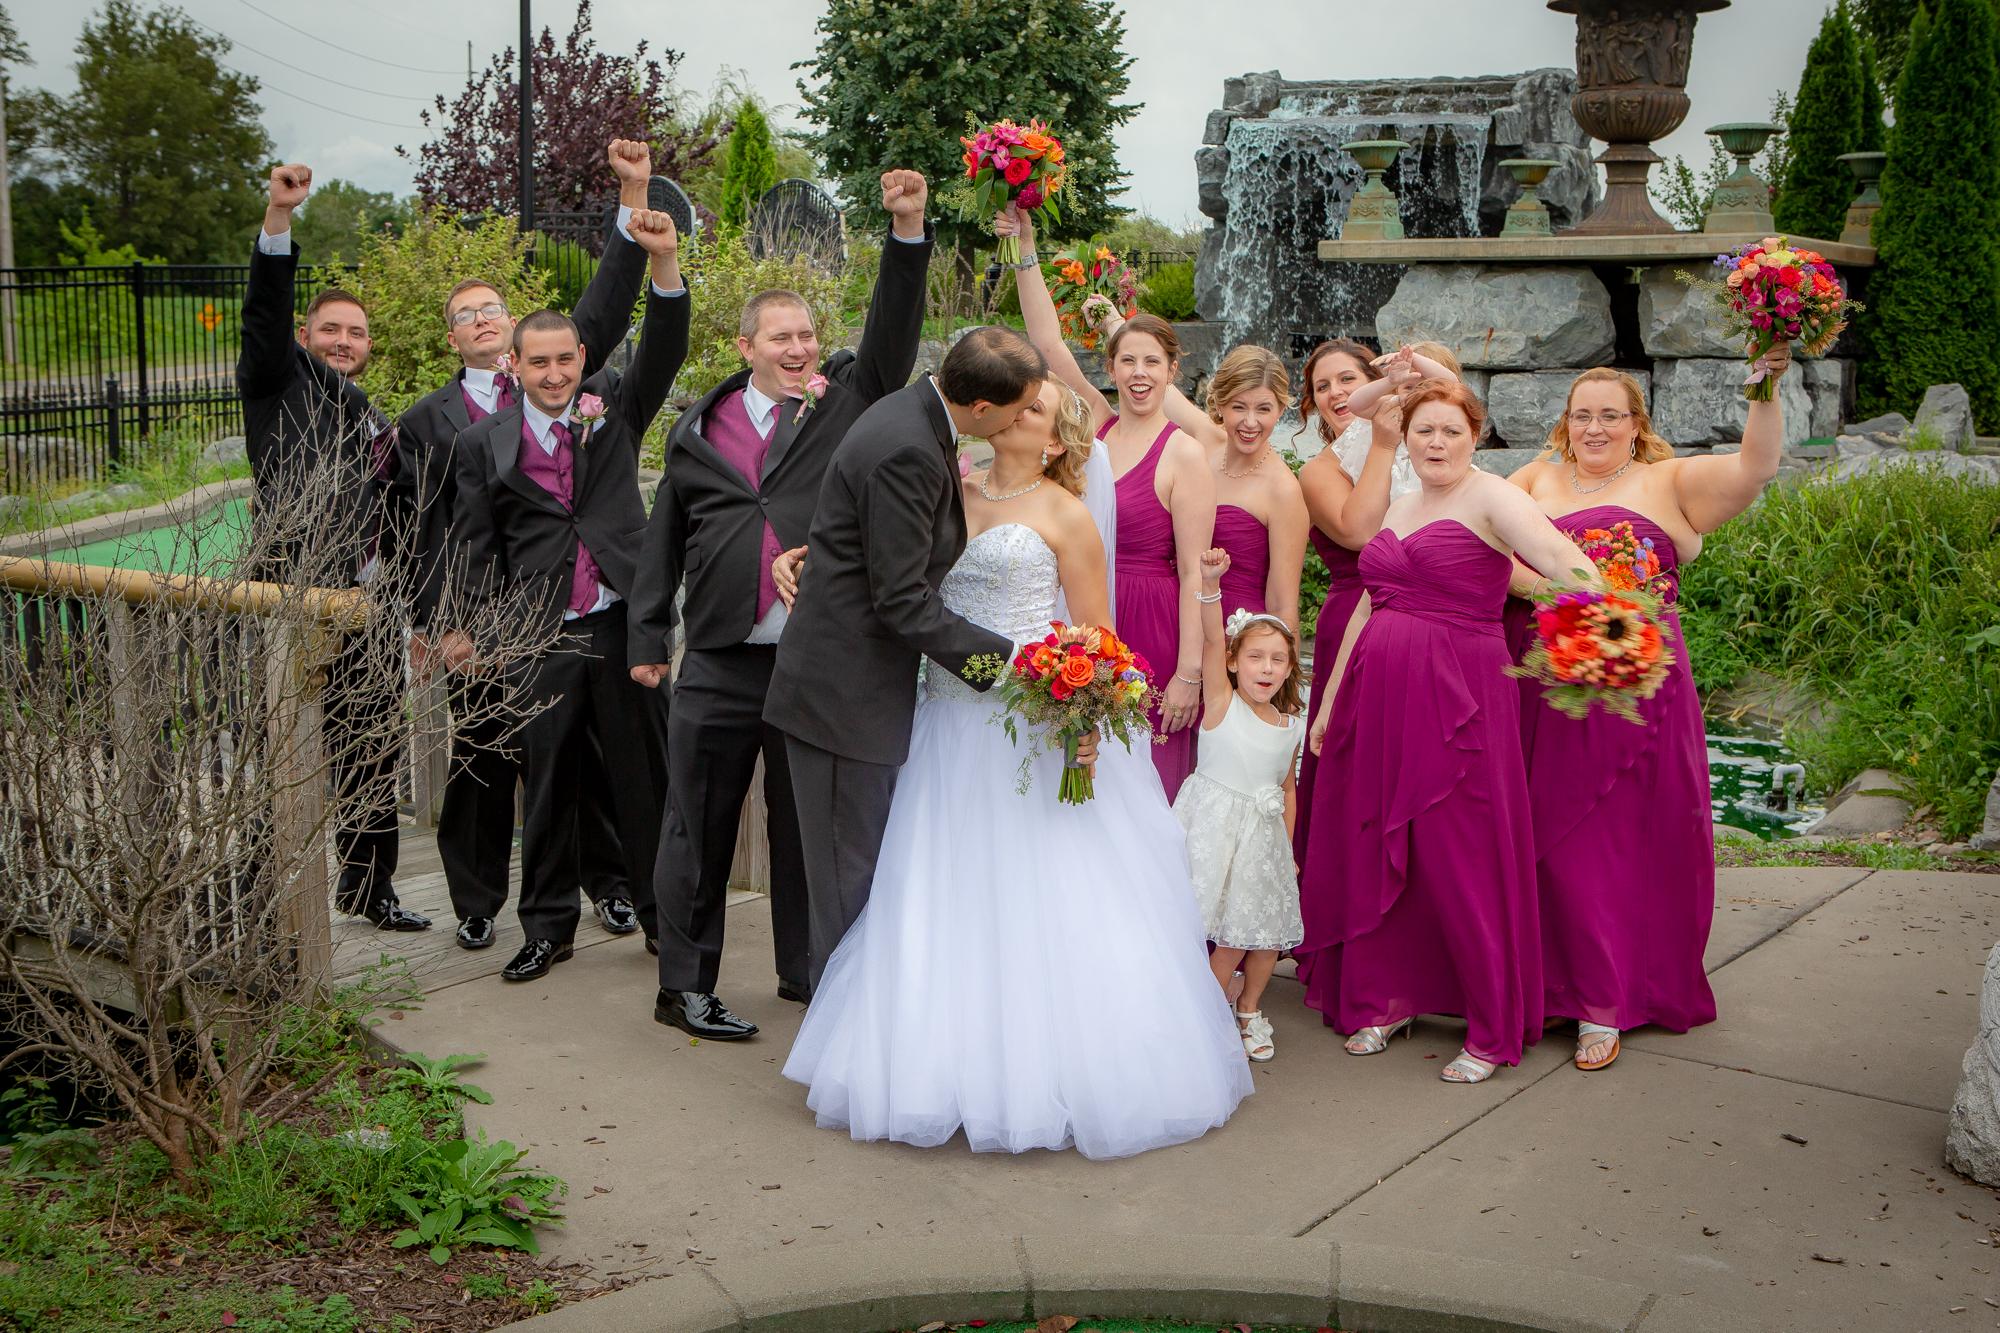 Holiday-Inn-Elmira-NY-Wedding-7989.jpg